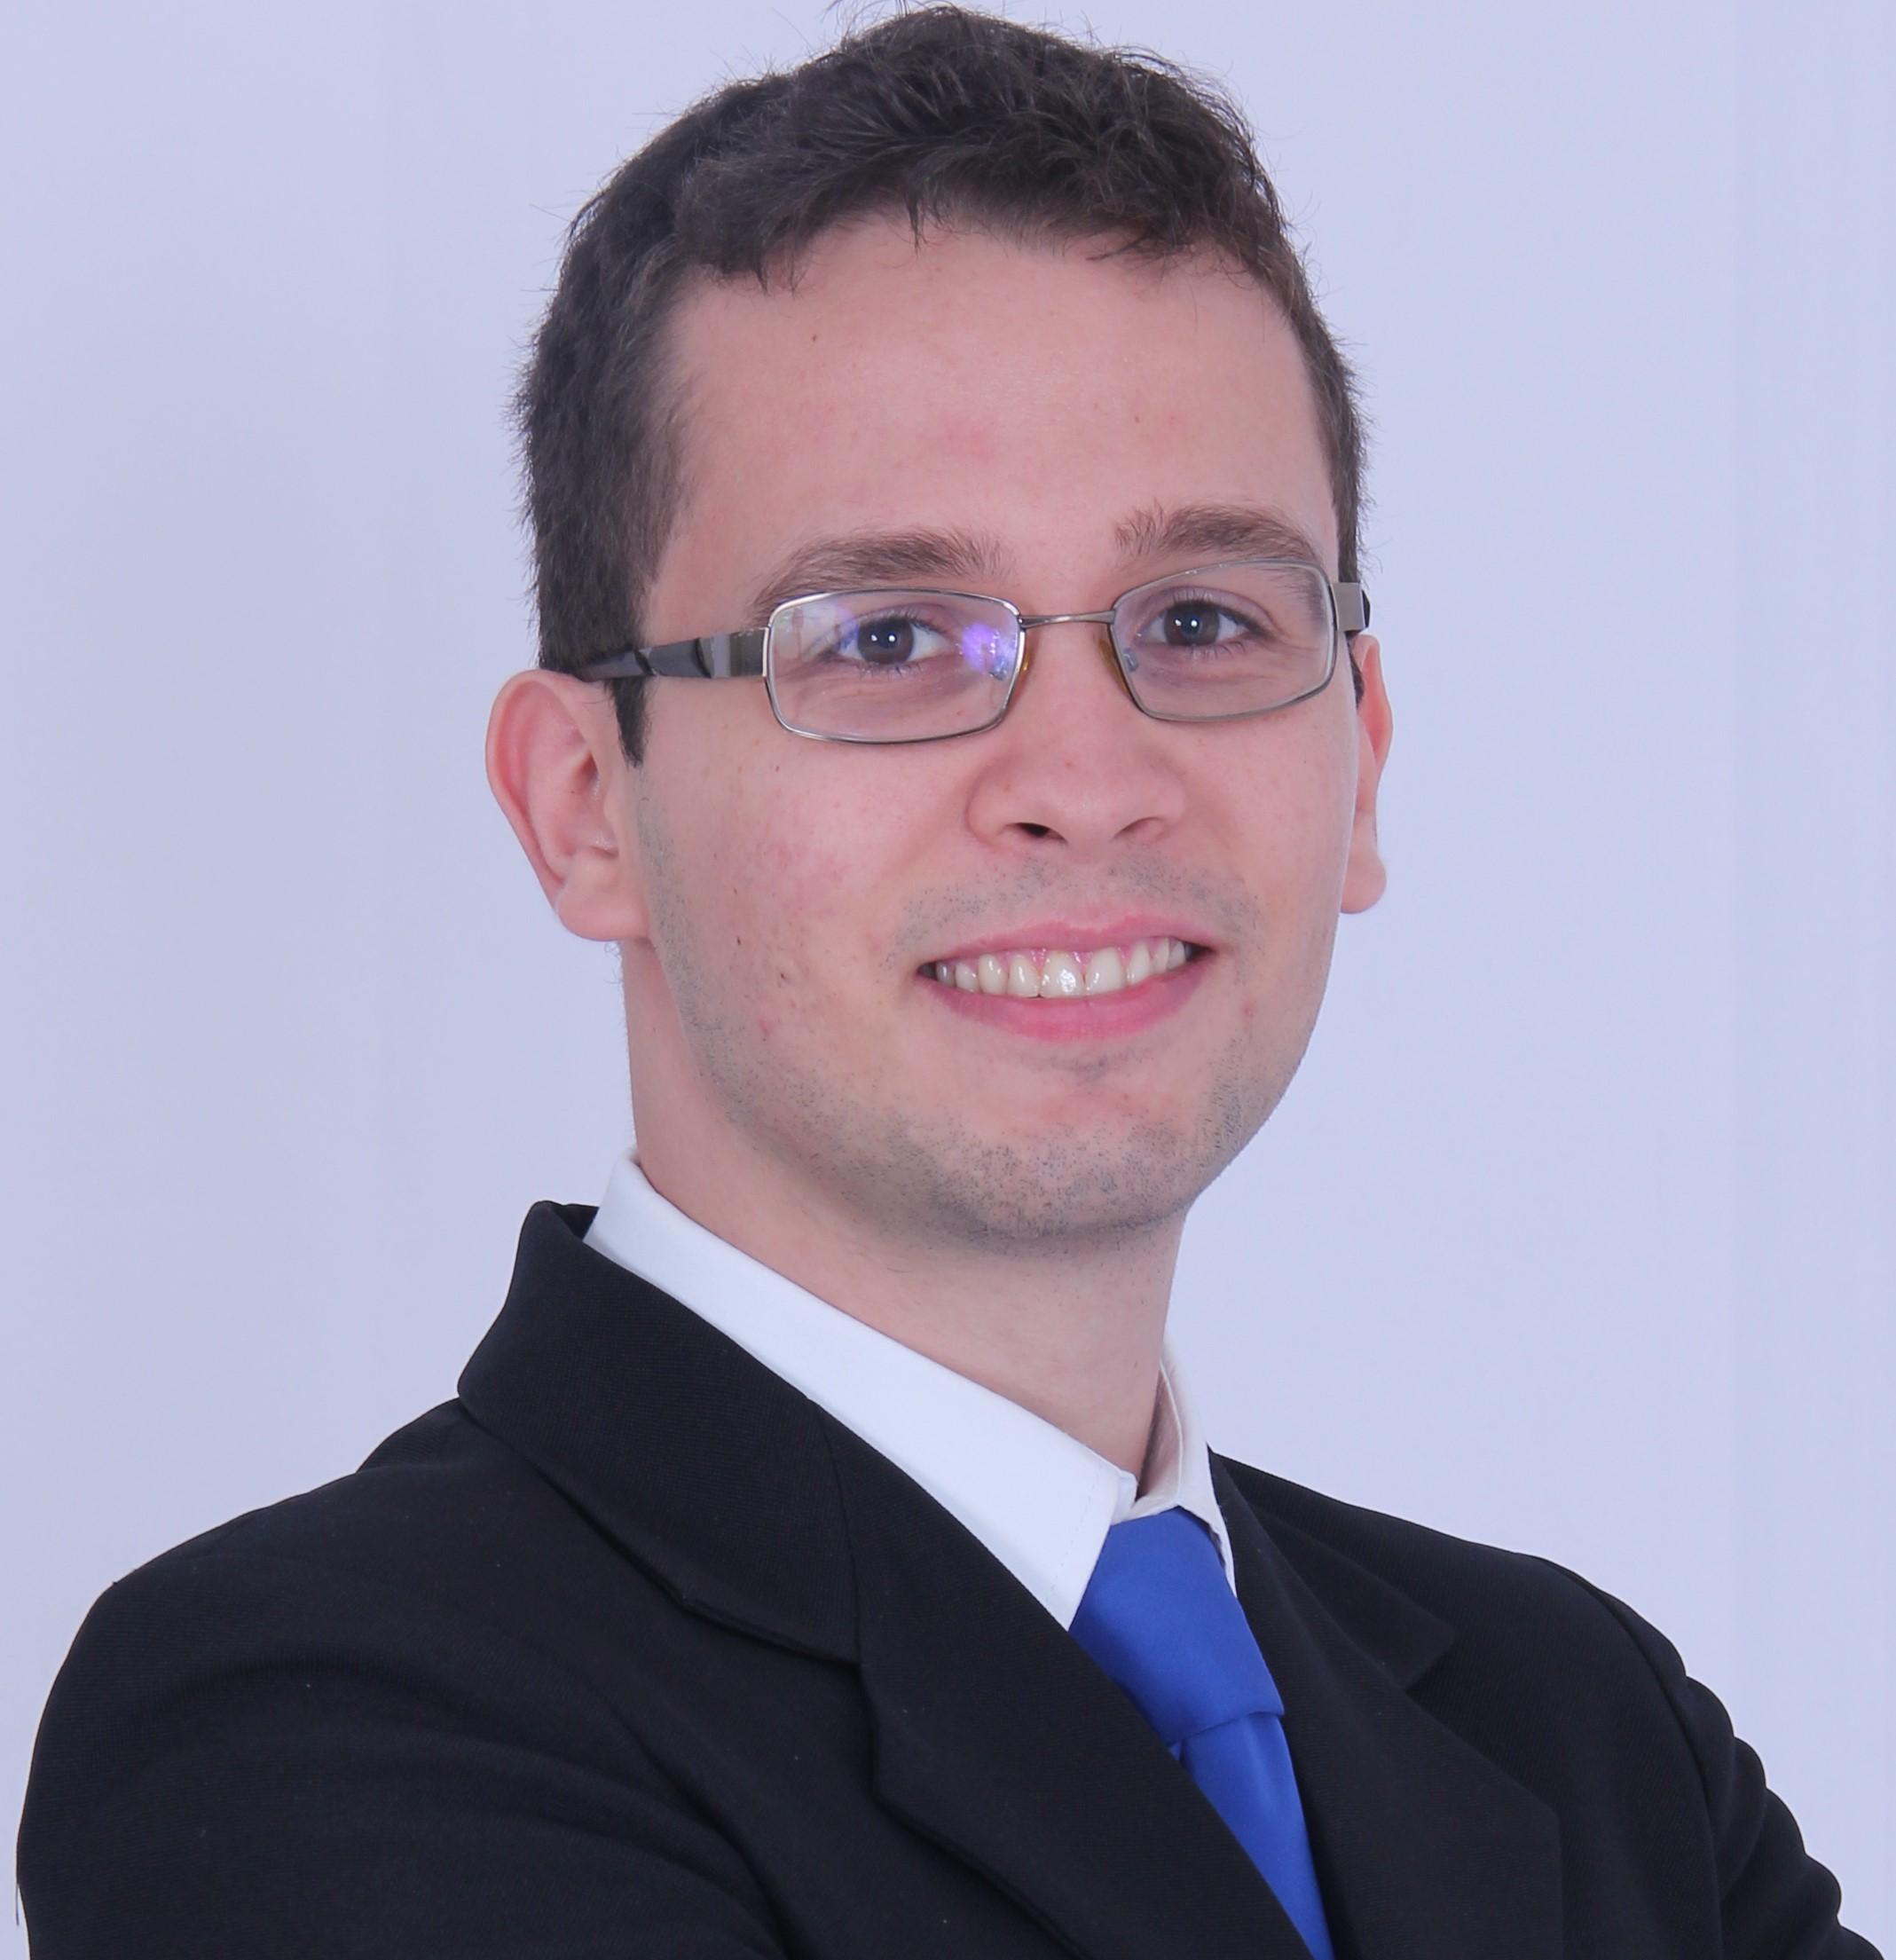 Tiago Koketsu RODRIGUES